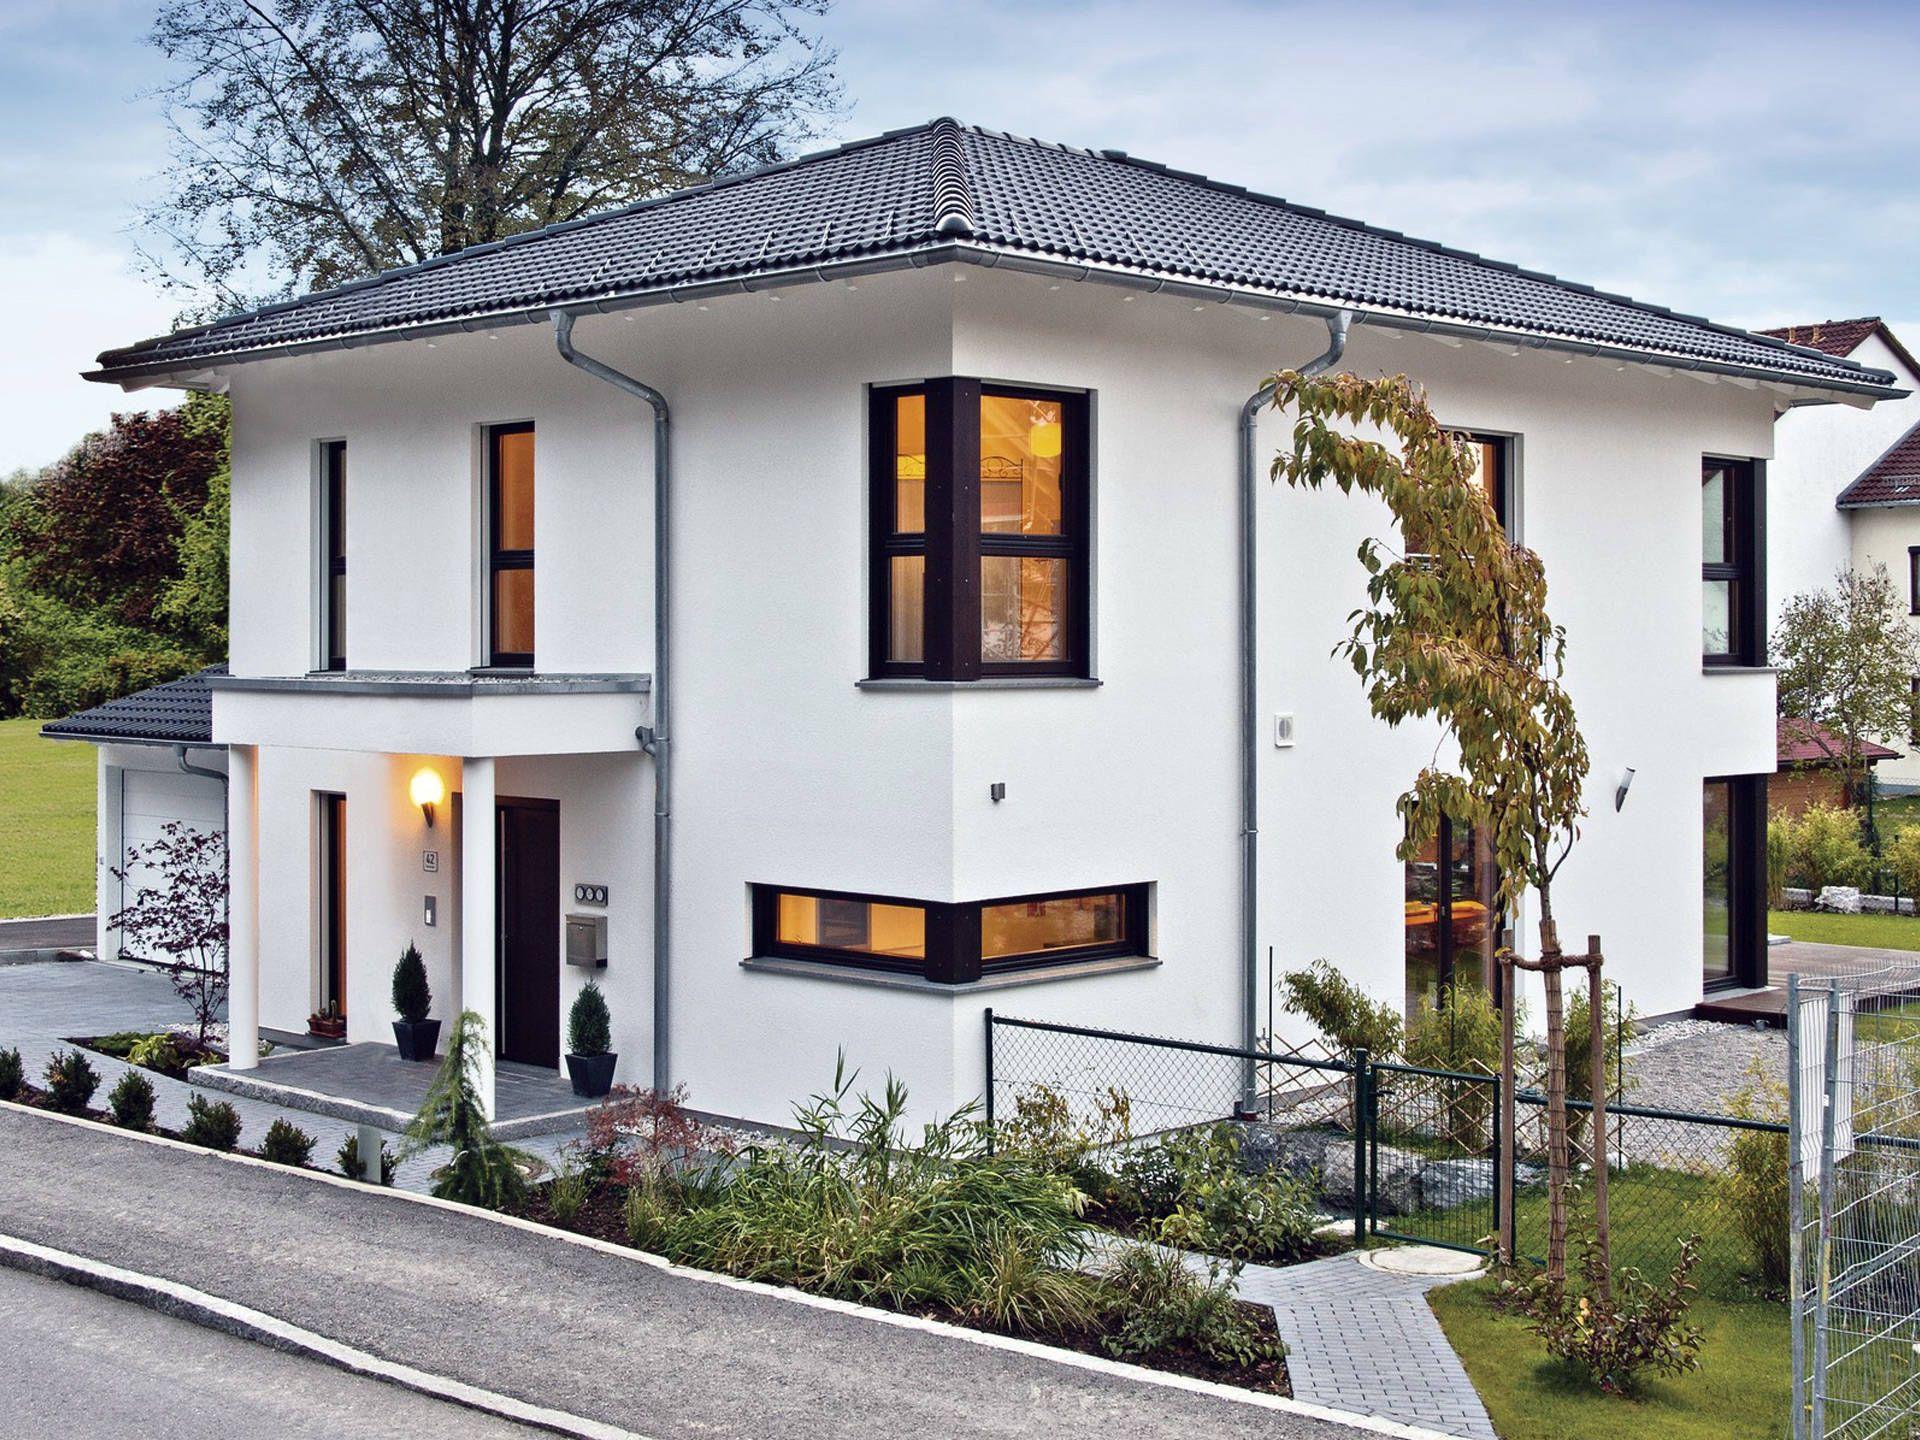 Haus Walmdach Mit Vordach Haus T Walmdach